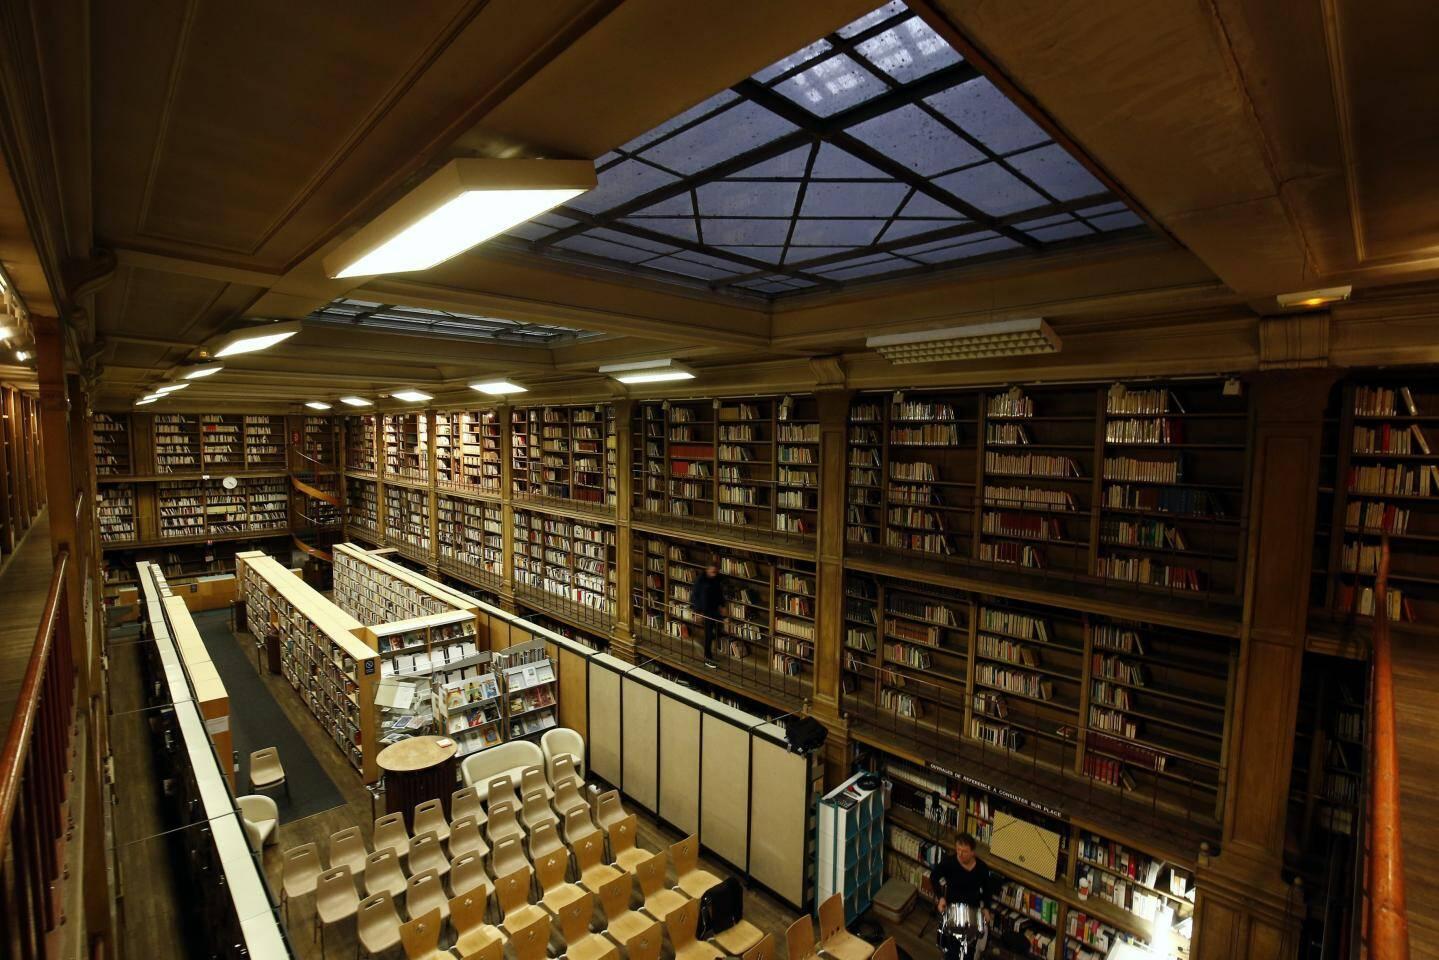 Science-fiction, histoire de l'art, sciences et techniques et livres rares se côtoient dans les allées de la bibliothèque centrale de Toulon. Un fonds précieux.